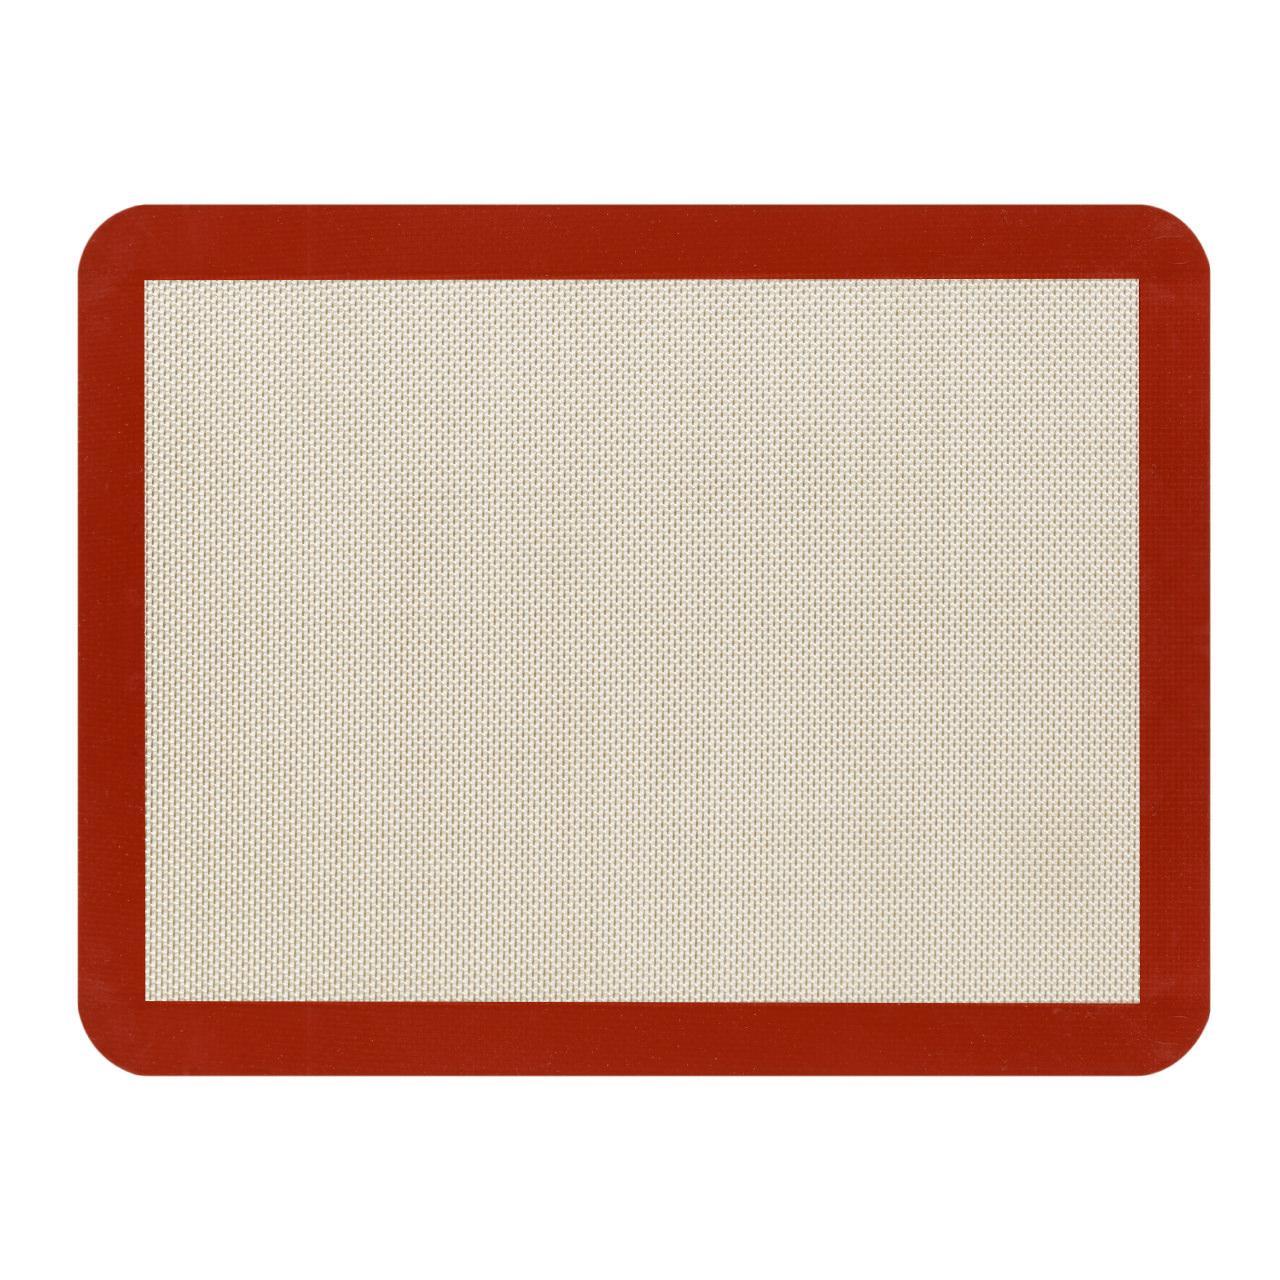 Силиконовый коврик 30х40 см для выпечки